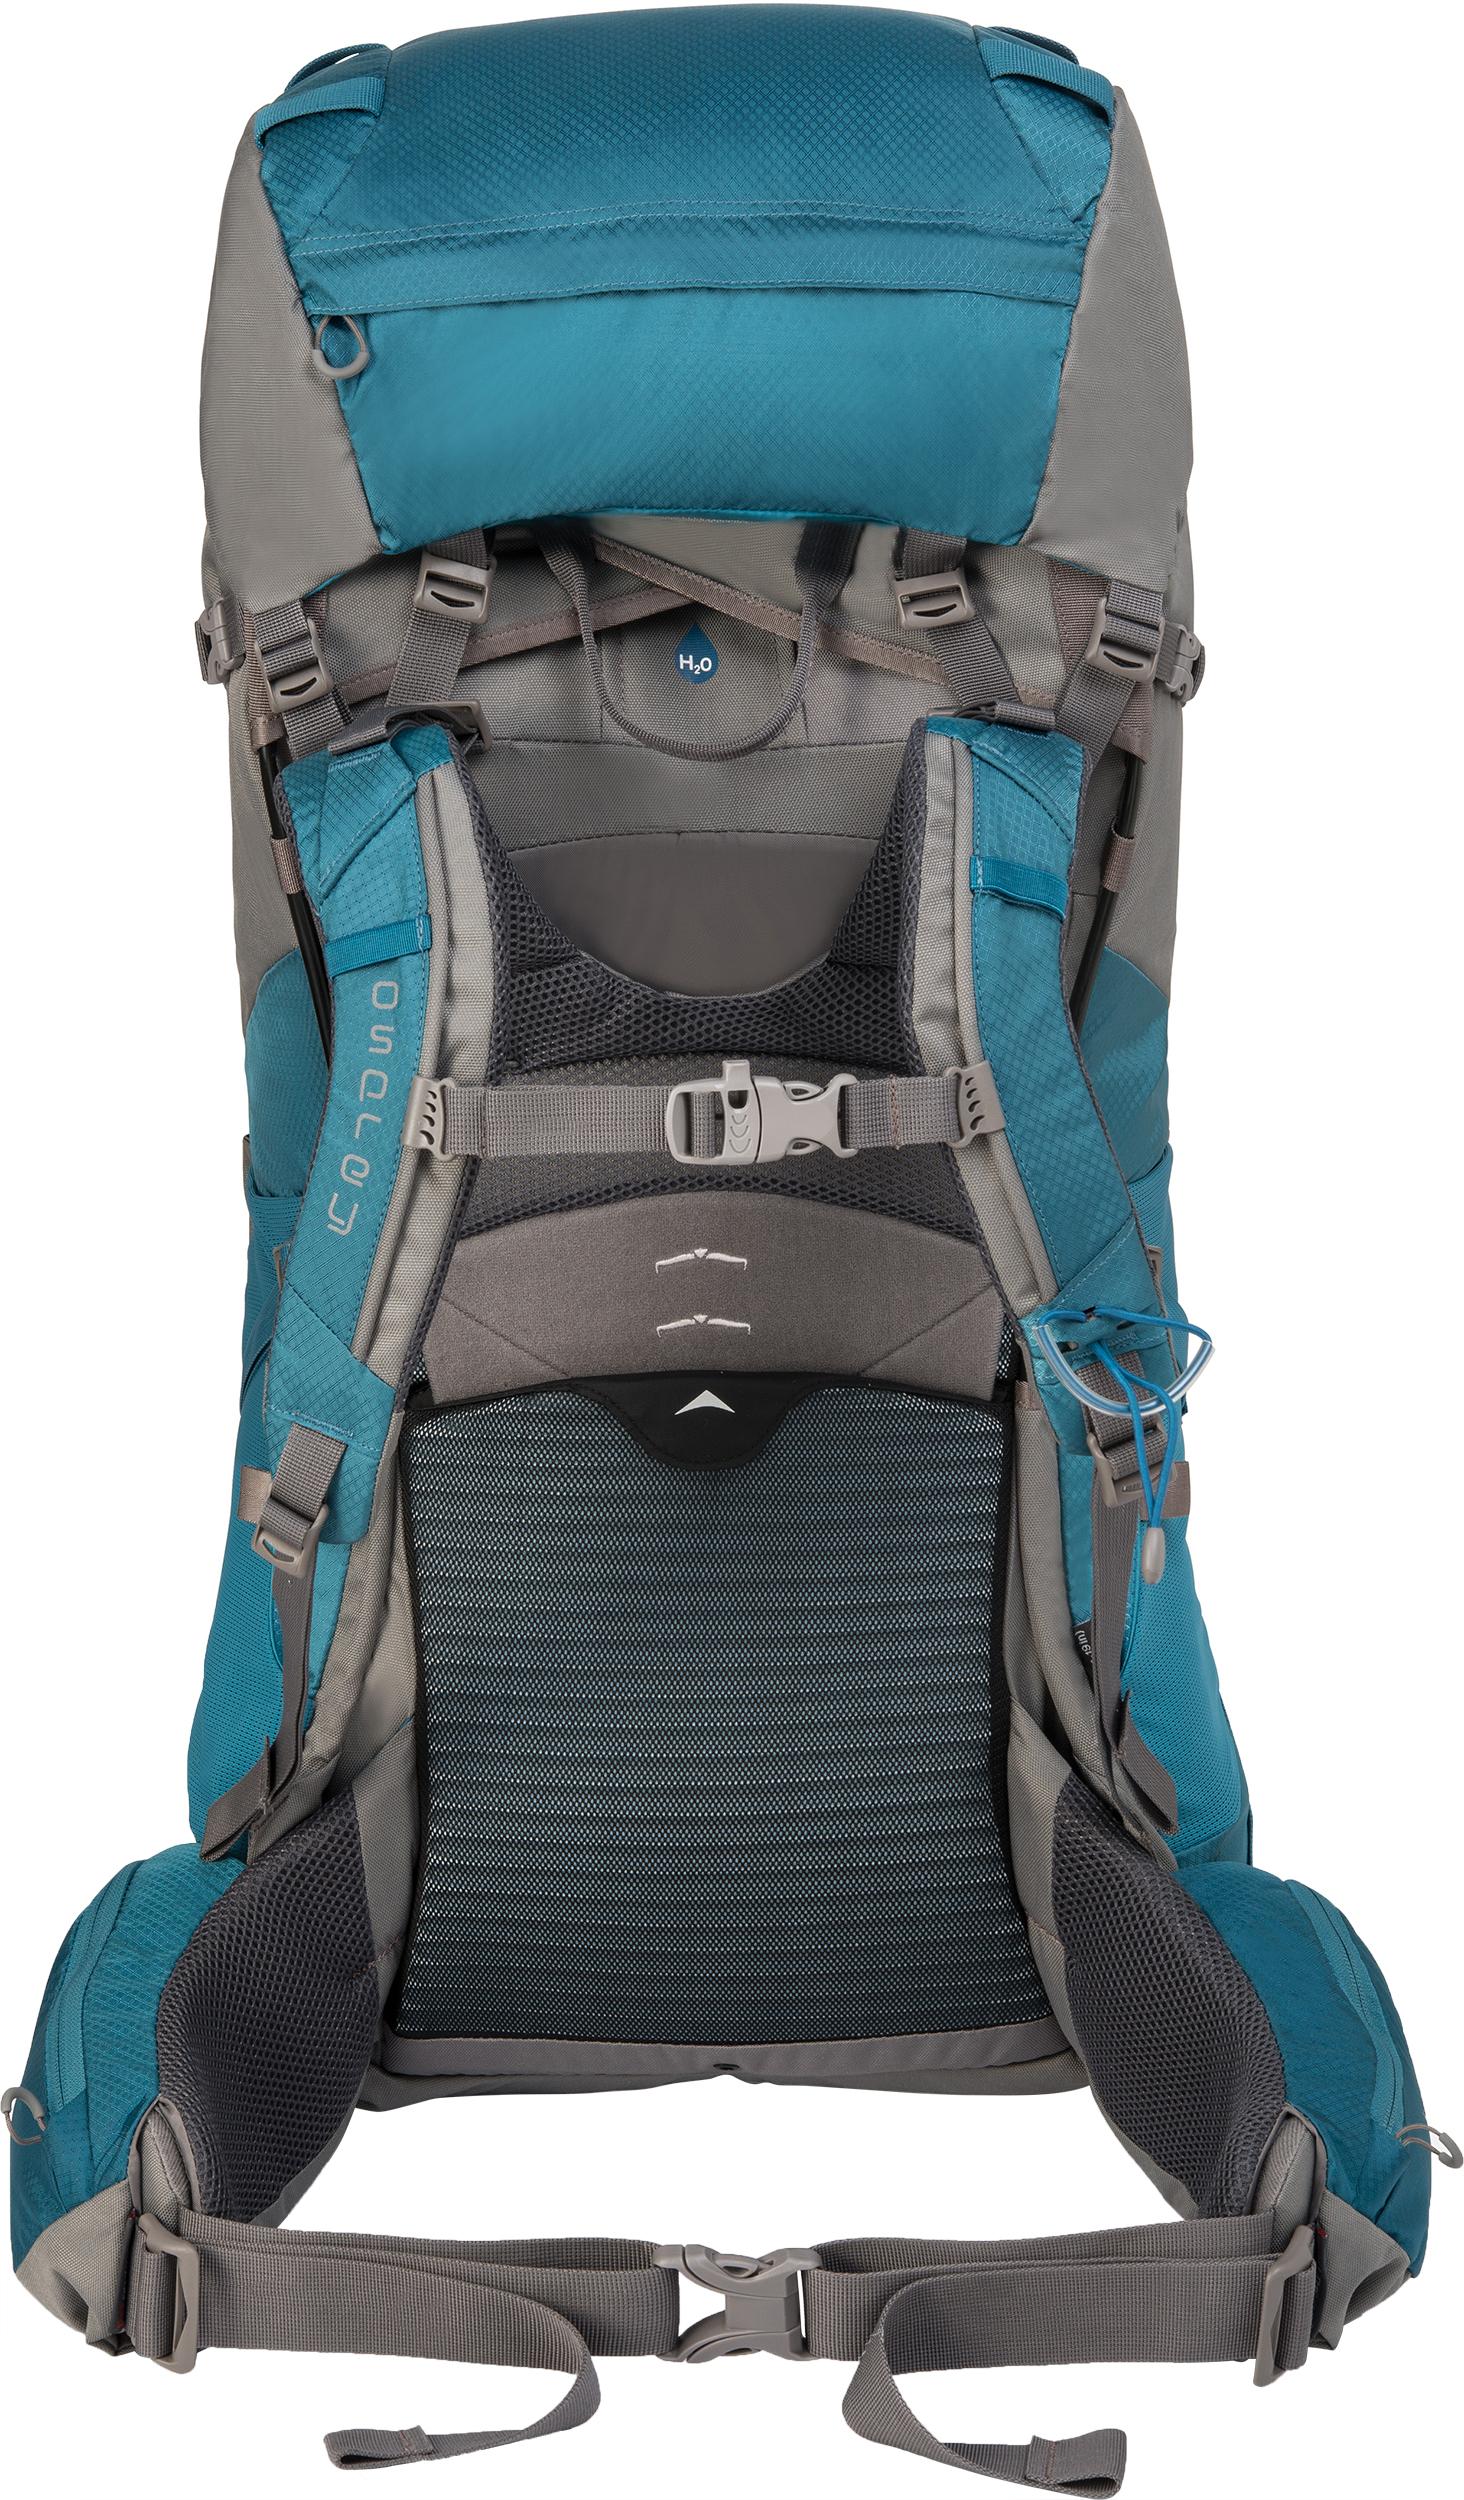 47756b6a601e Osprey Viva 65 Backpack - Women s